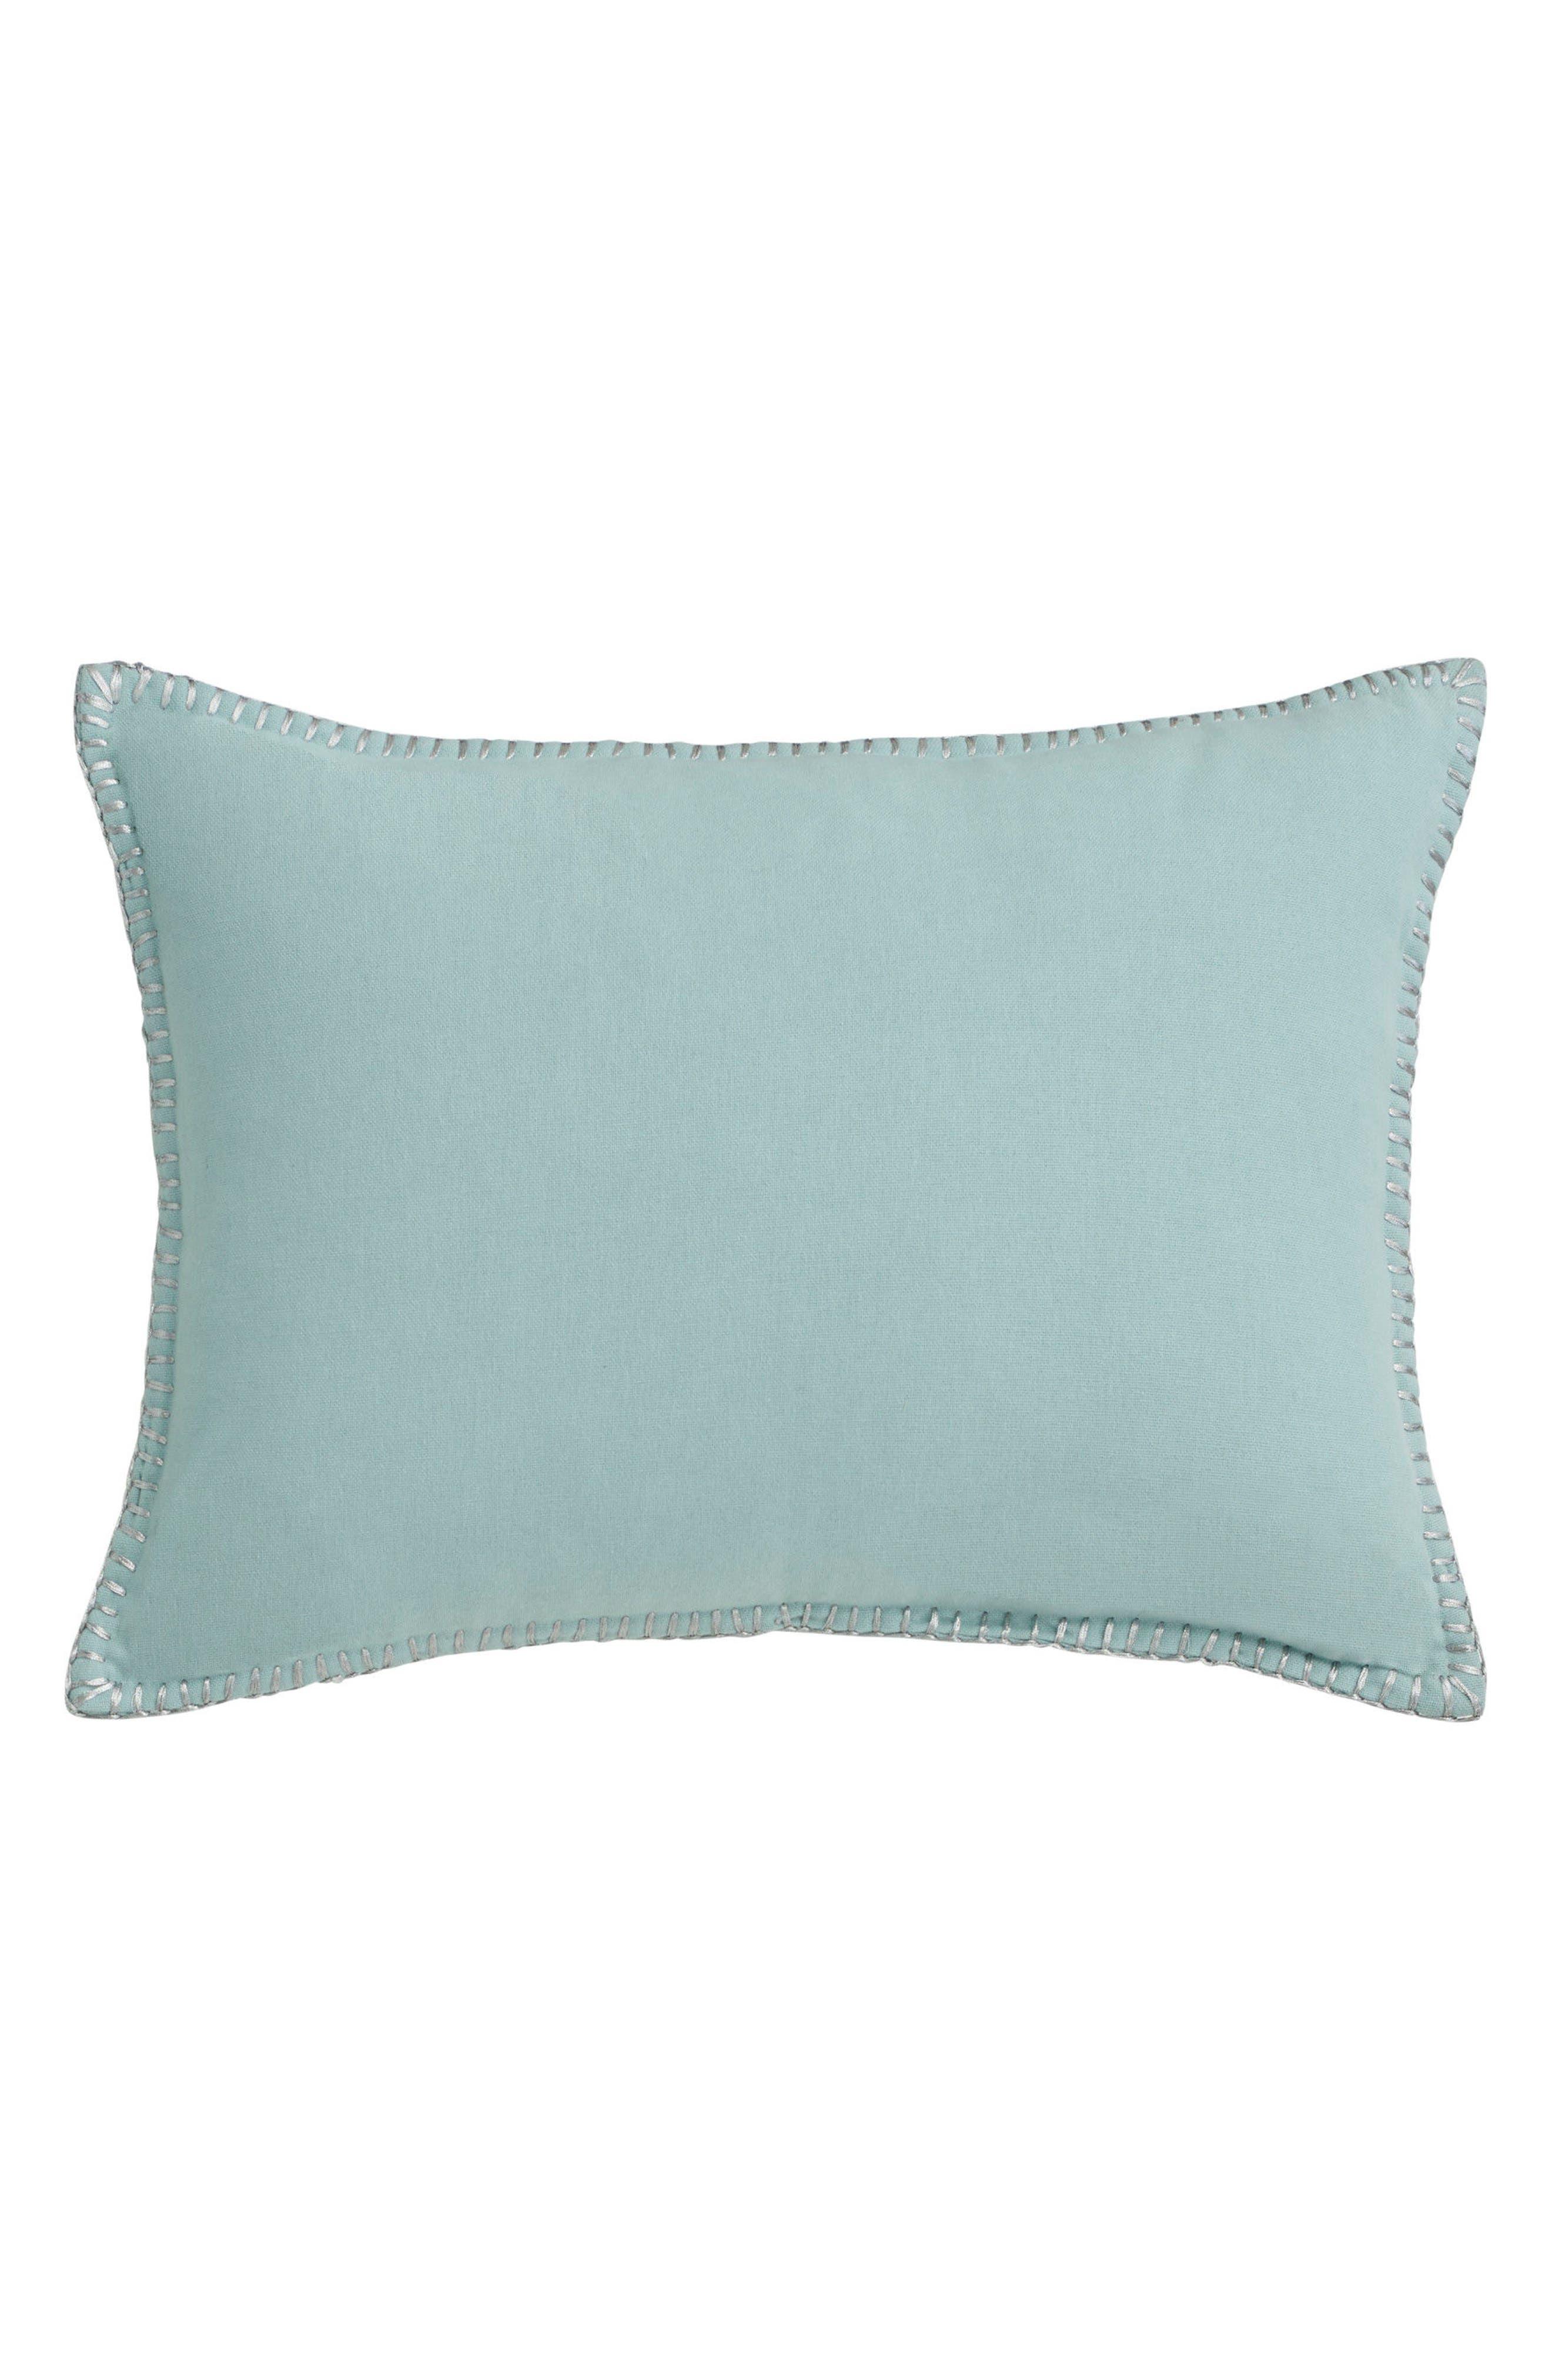 Capri Stripe Accent Pillow,                             Main thumbnail 1, color,